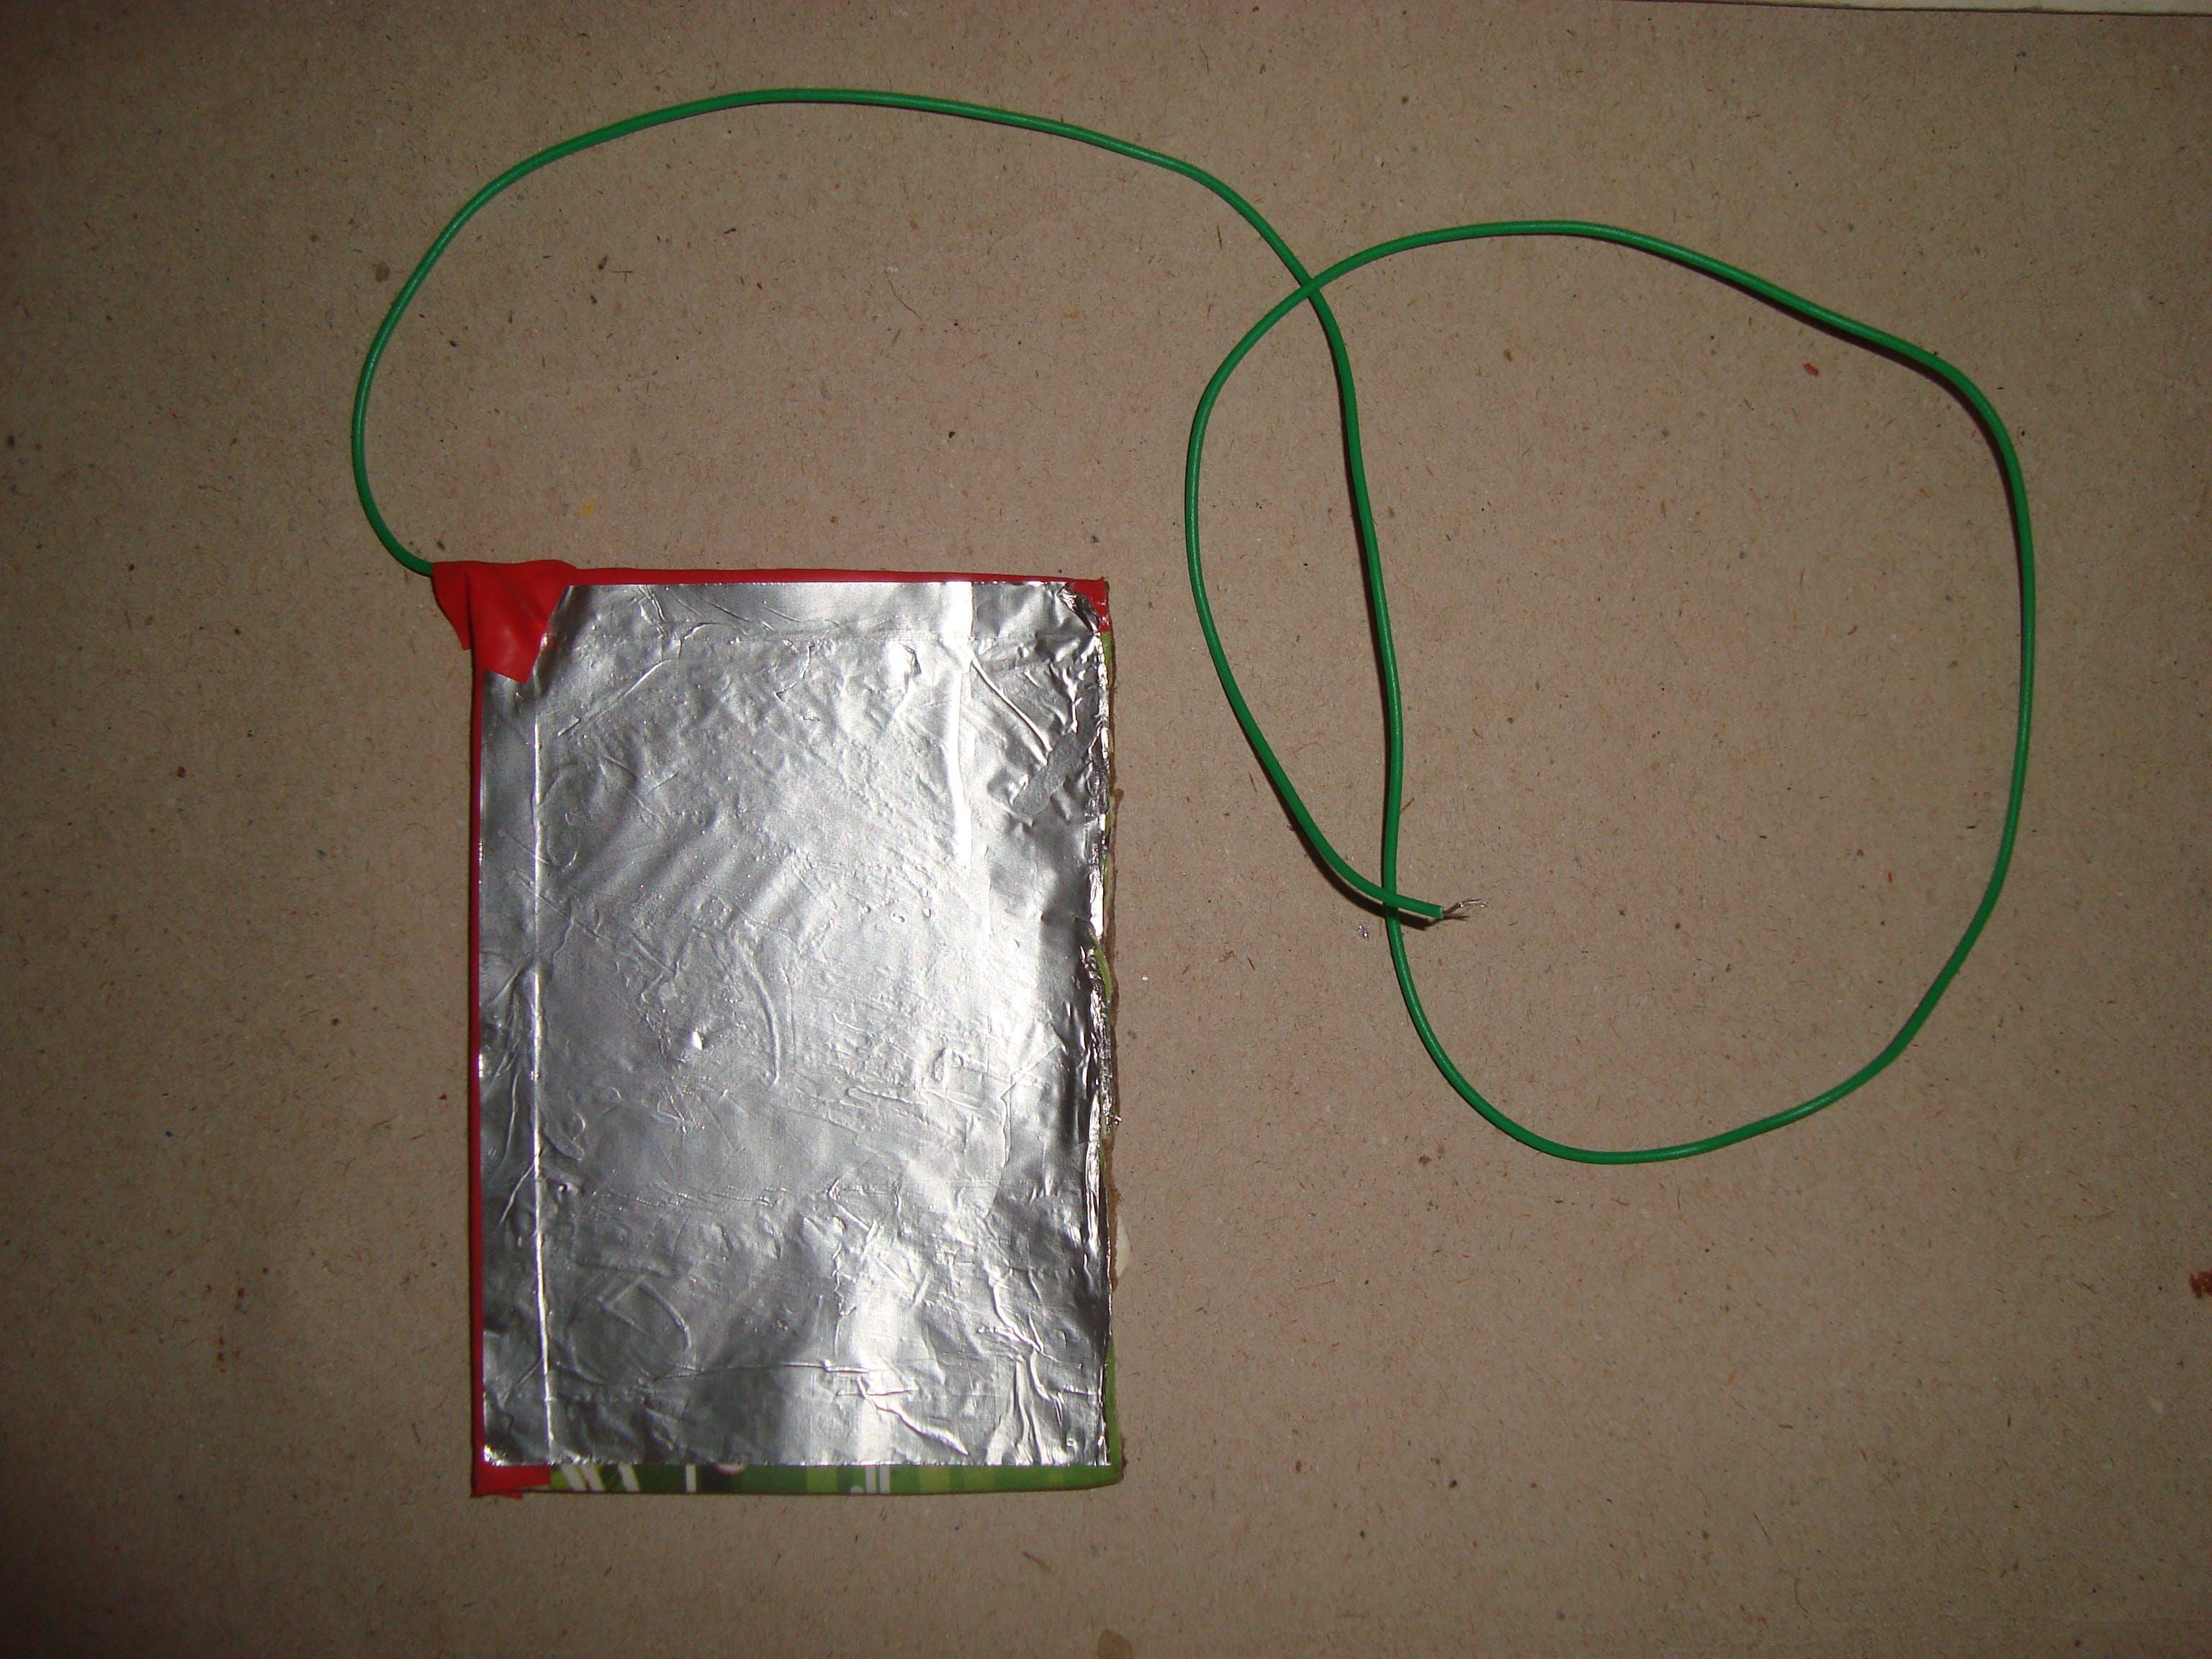 aluminum electrode (kitchen foil on cardboard base)